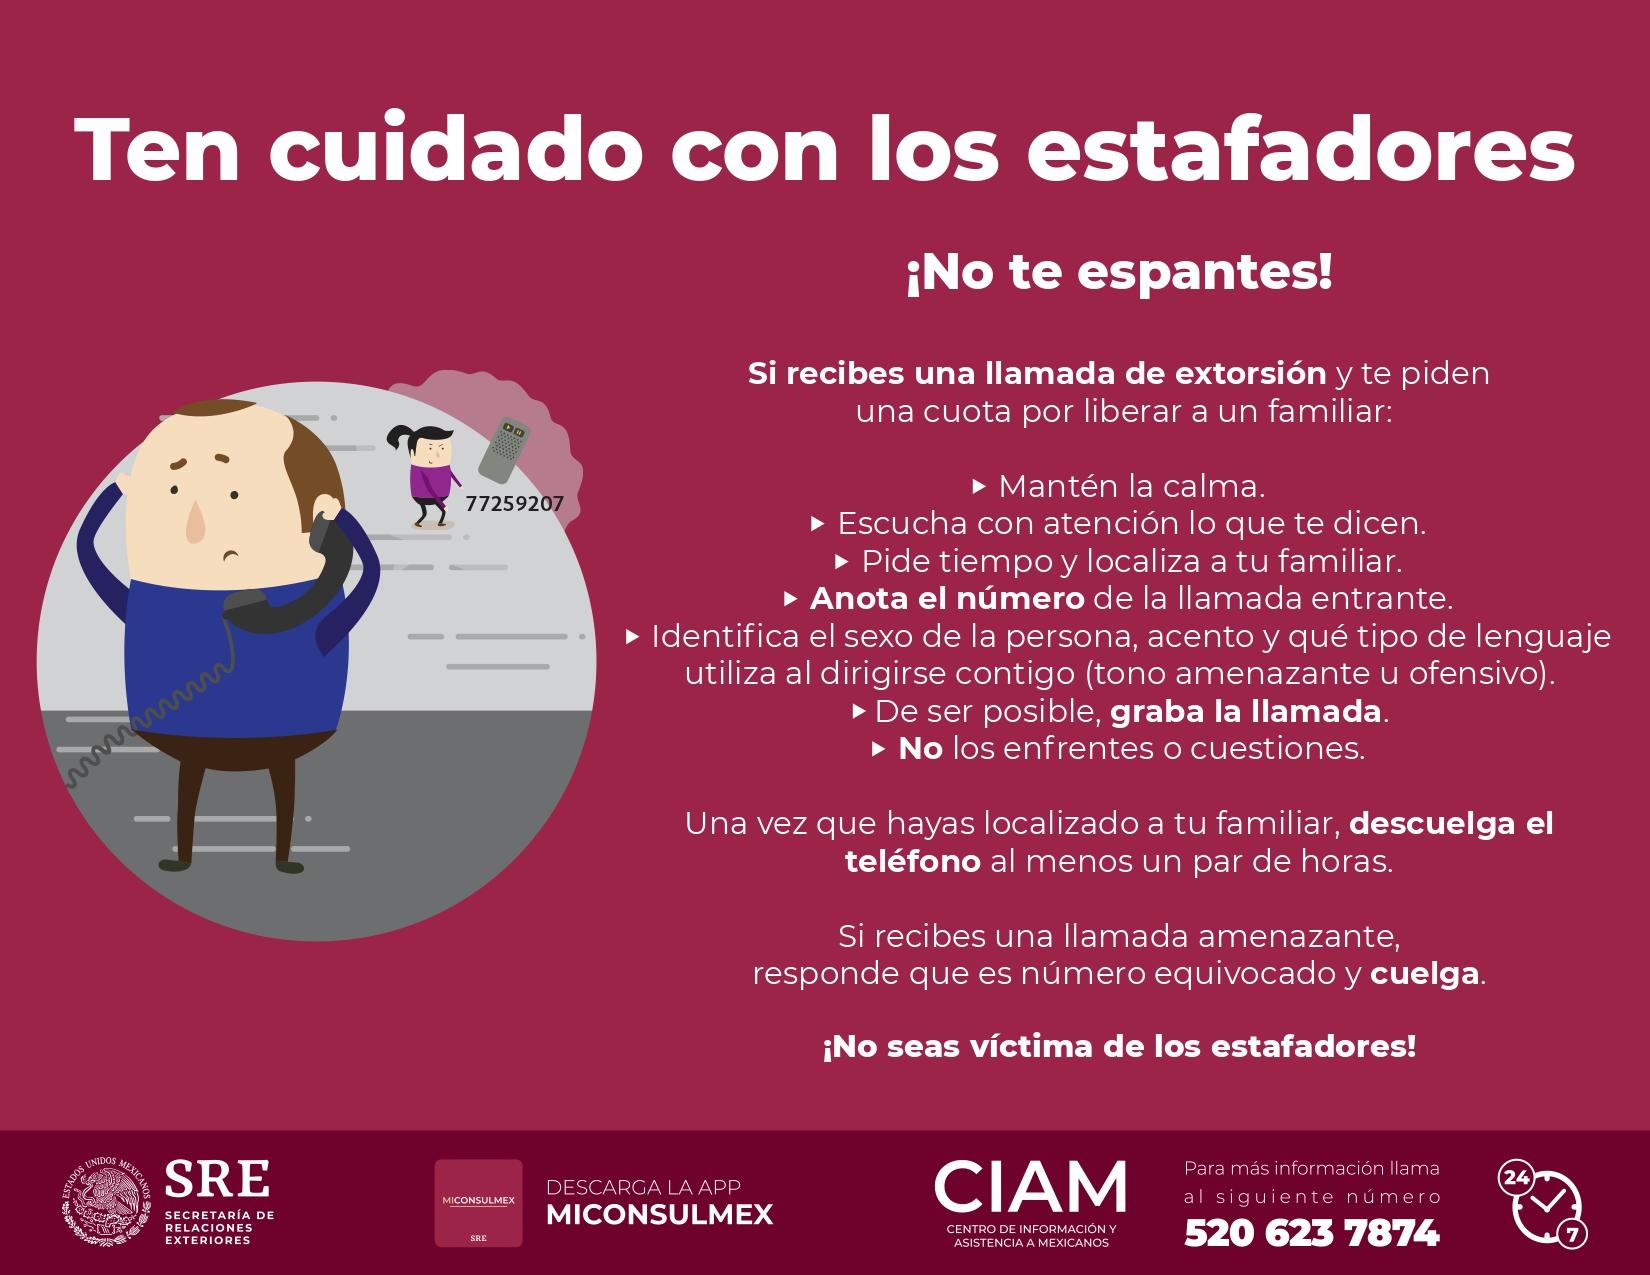 Qué Hacer En Caso De Extorsión Centro De Información Y Asistencia A Mexicanos Gobierno Gob Mx